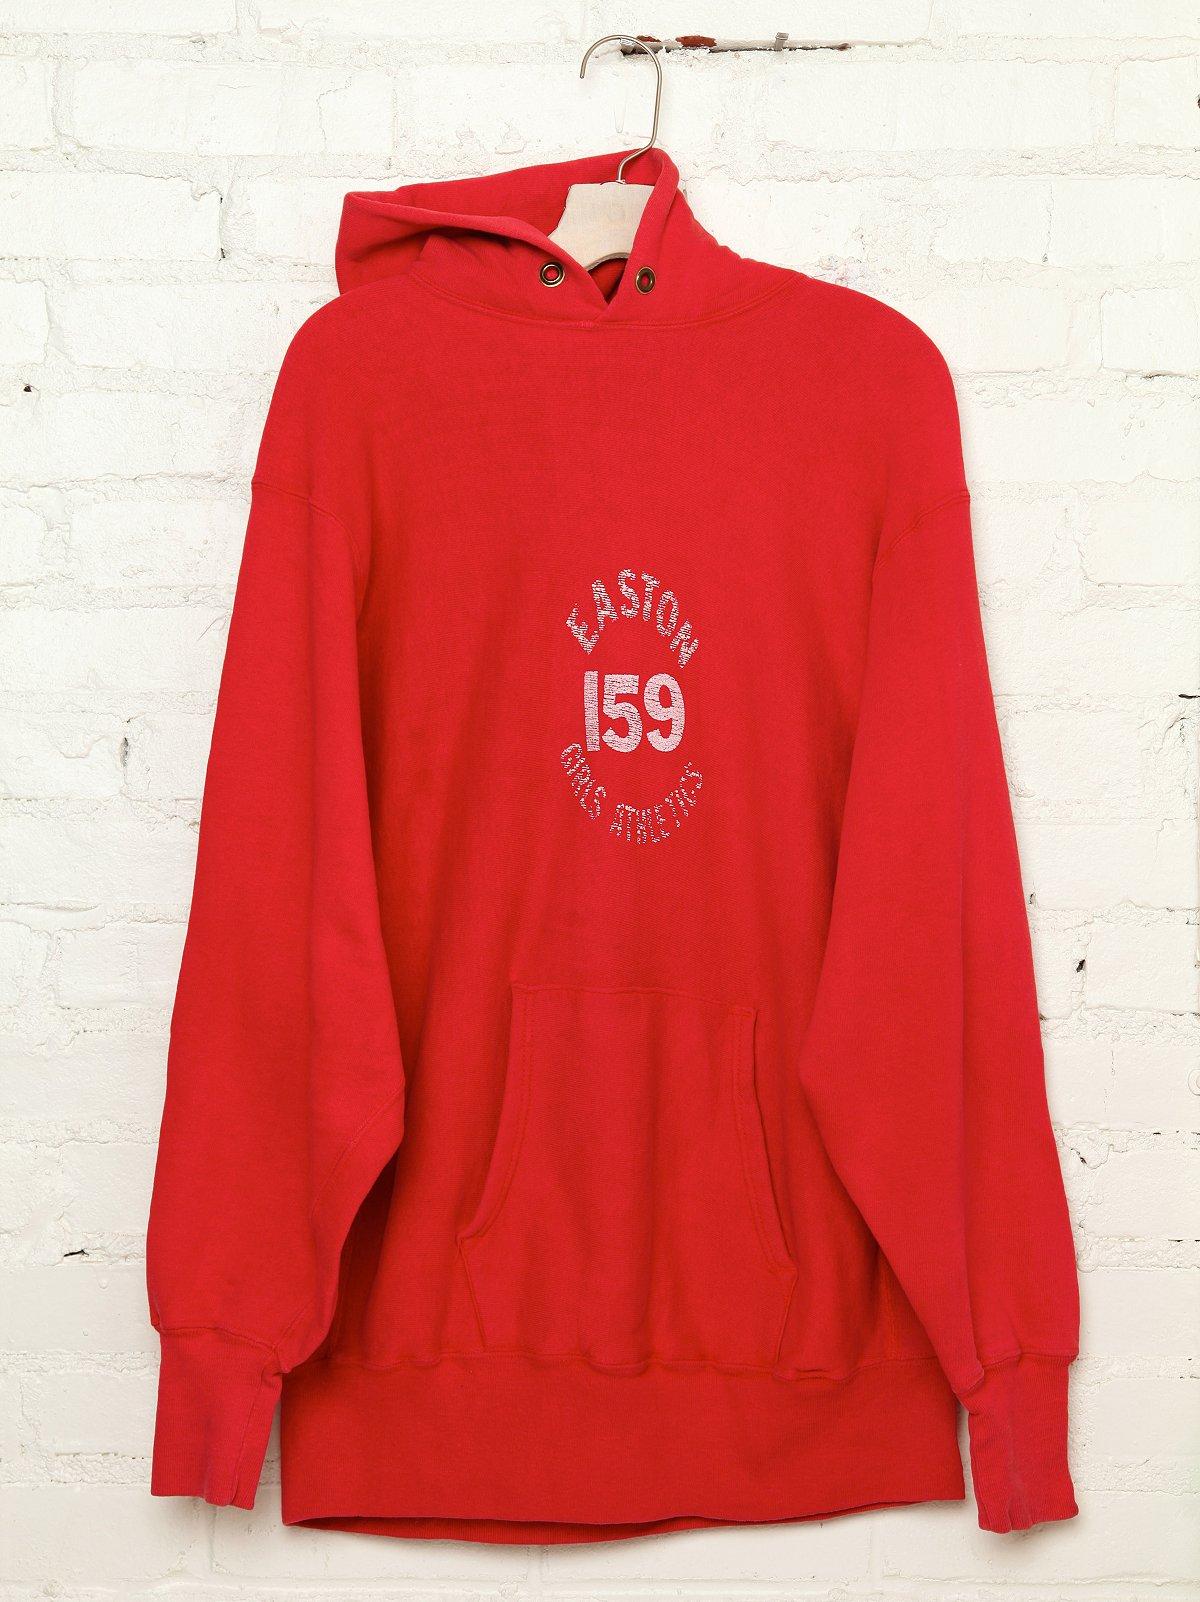 Vintage Easton Girls Athletics Sweatshirt